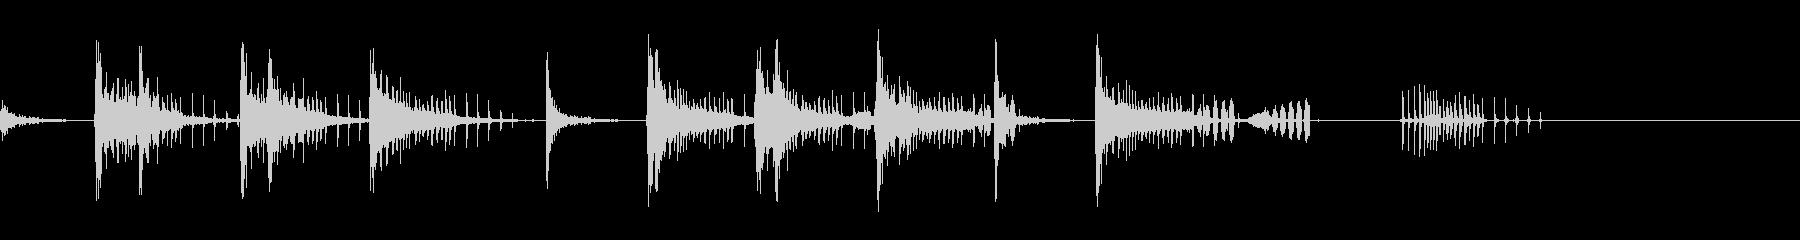 とんとん(派手な建設中の音)B20の未再生の波形